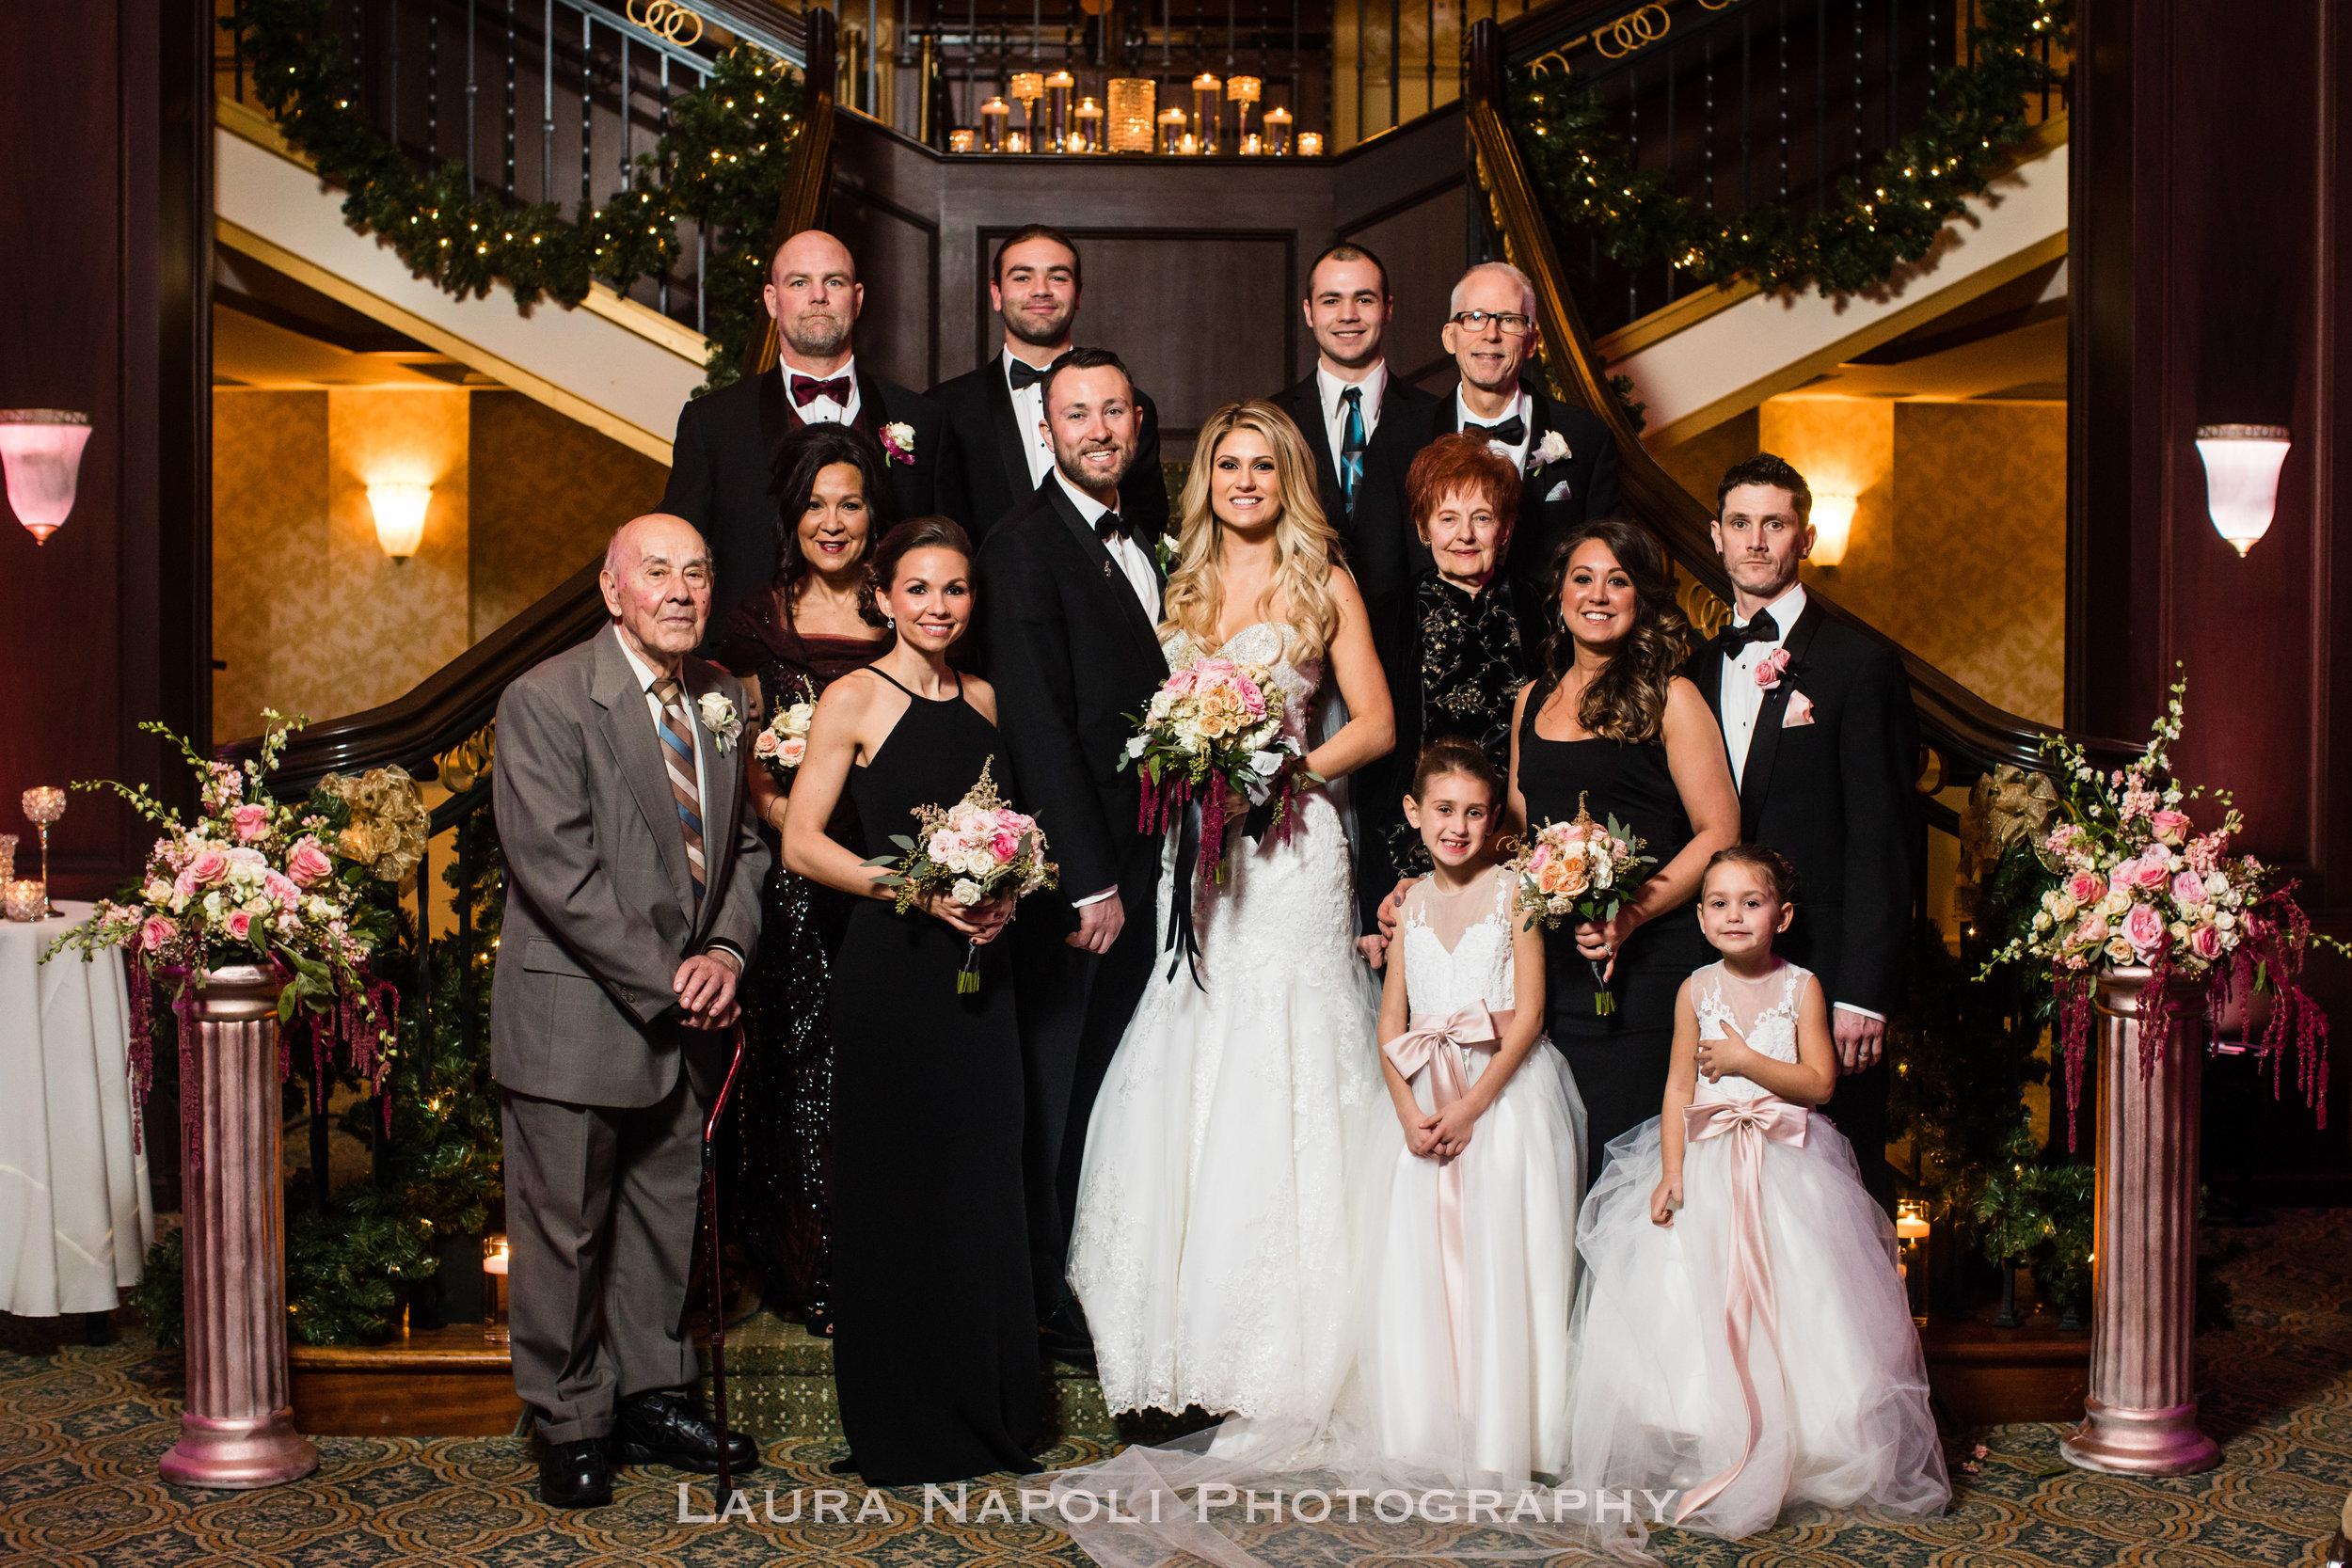 Collingswoodballroomweddingcollingswoodnj-37.jpg